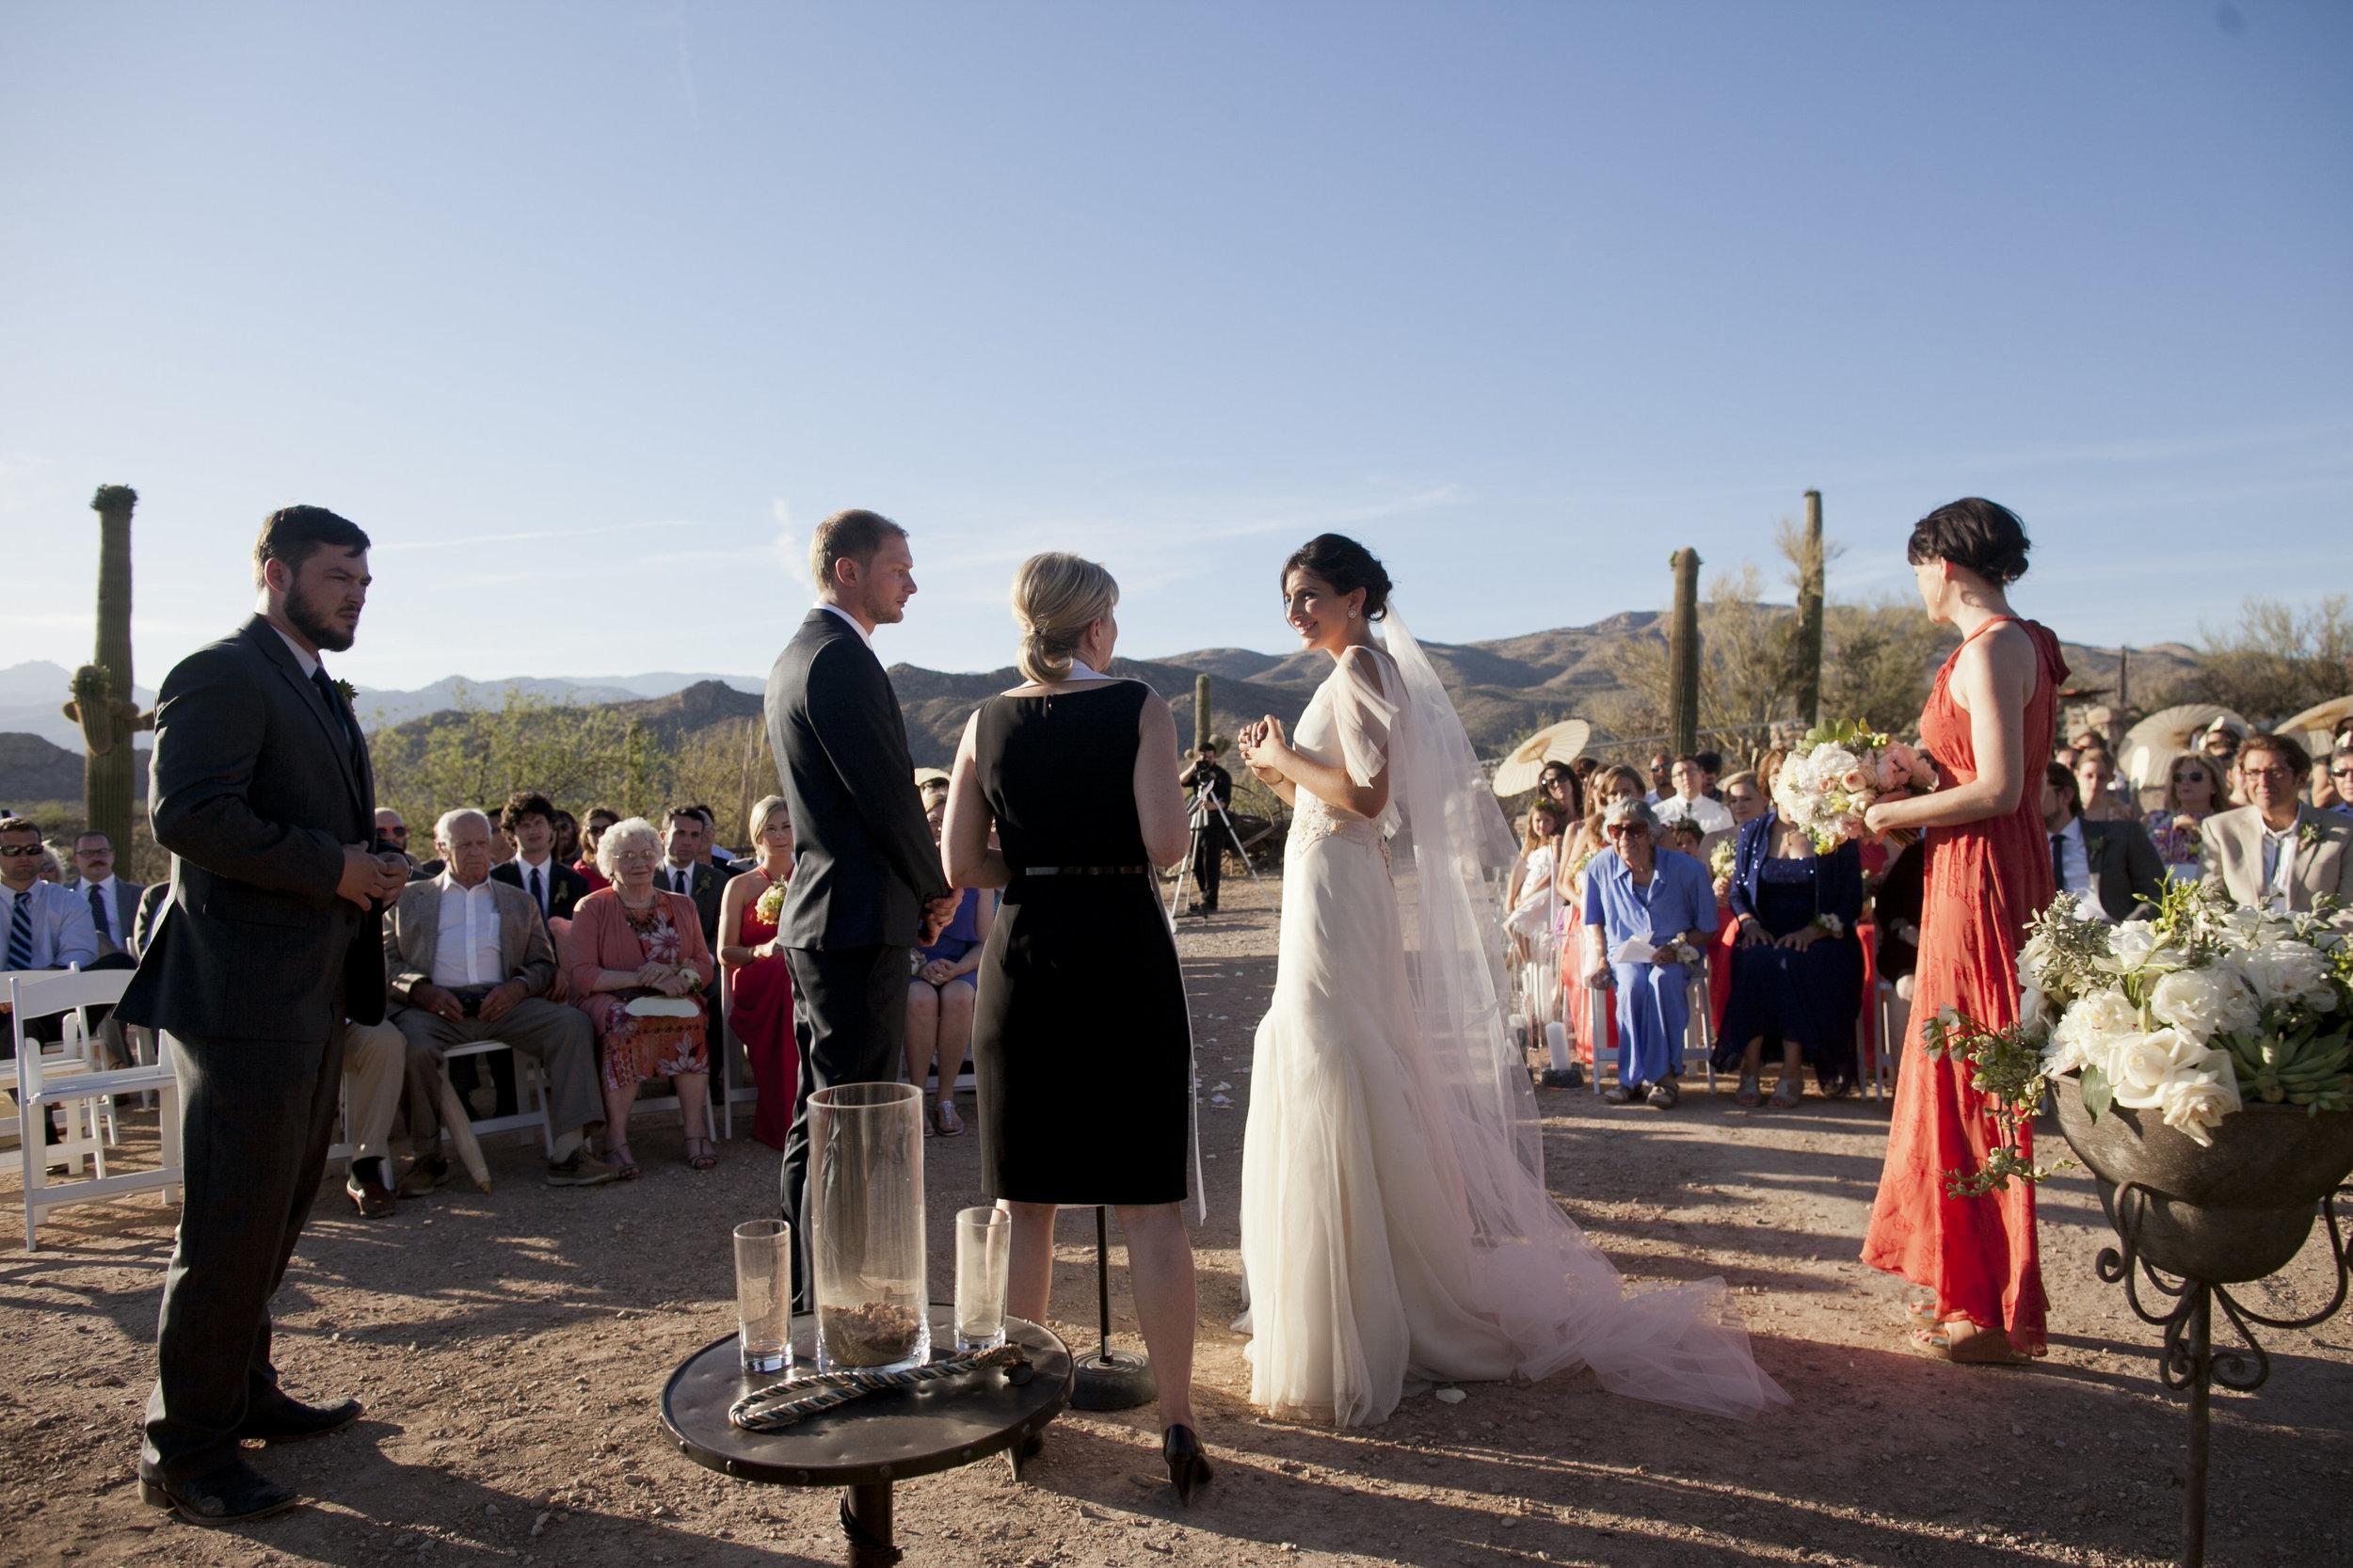 Ceci_New_York_Ceci_Style_Ceci_Johnson_Luxury_Lifestyle_Arizona_Wedding_Watercolor_Inspiration_Design_Custom_Couture_Personalized_Invitations_115.jpg